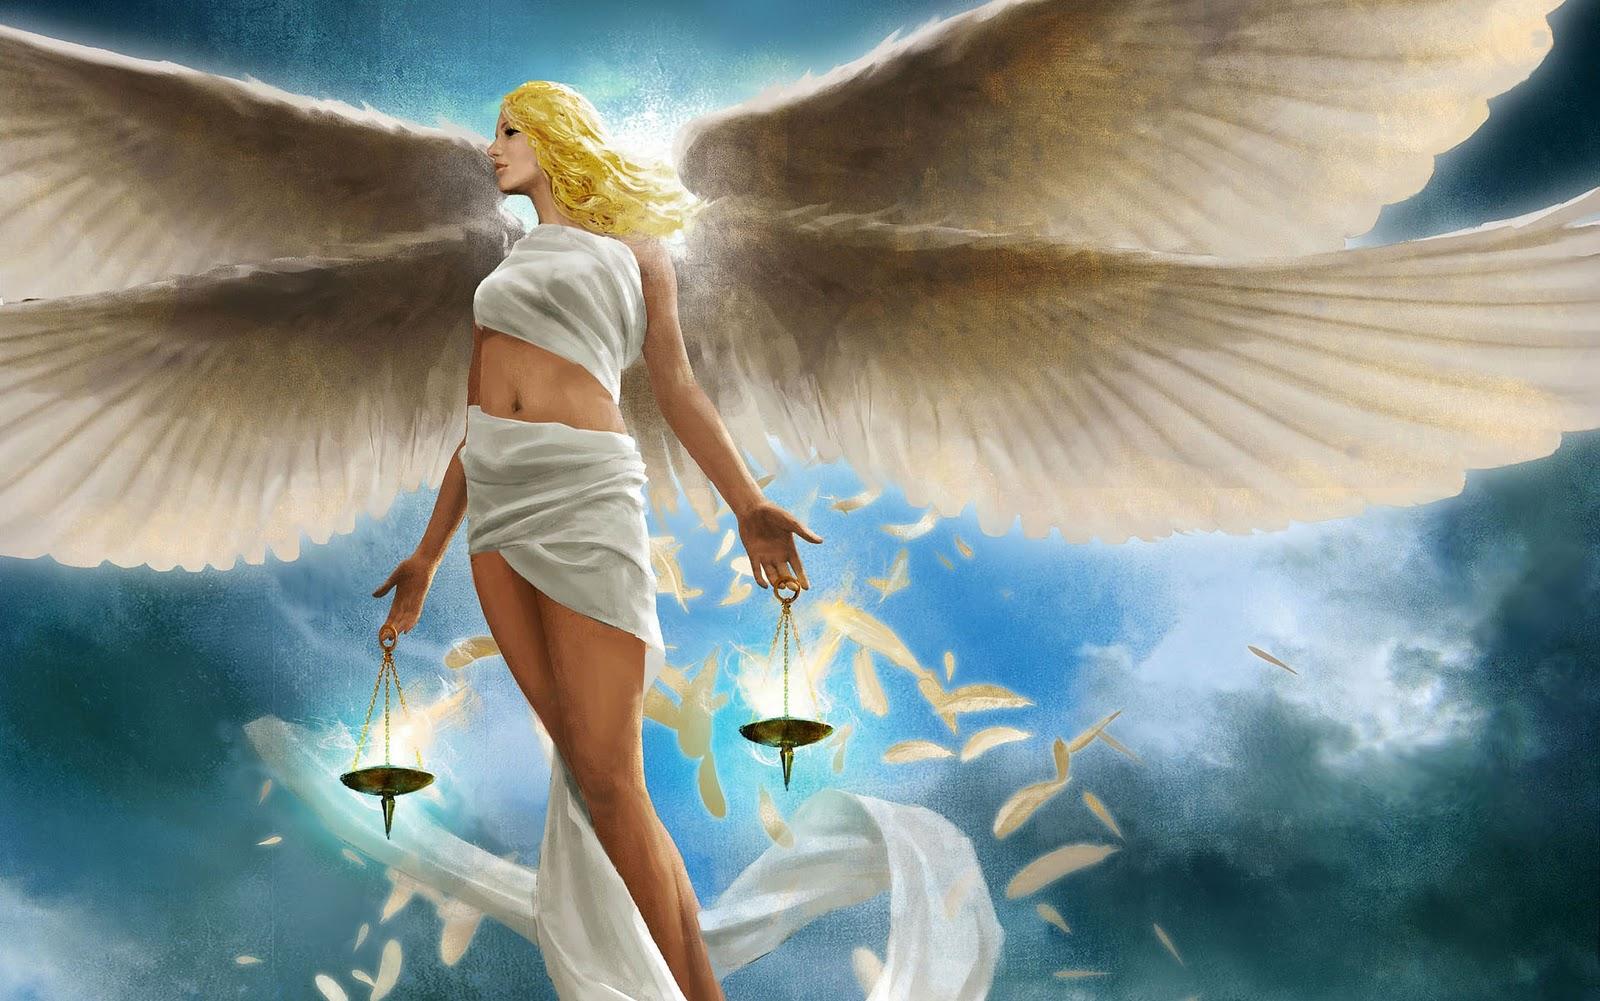 Смотреть ролики с angel rivas бесплатно 5 фотография